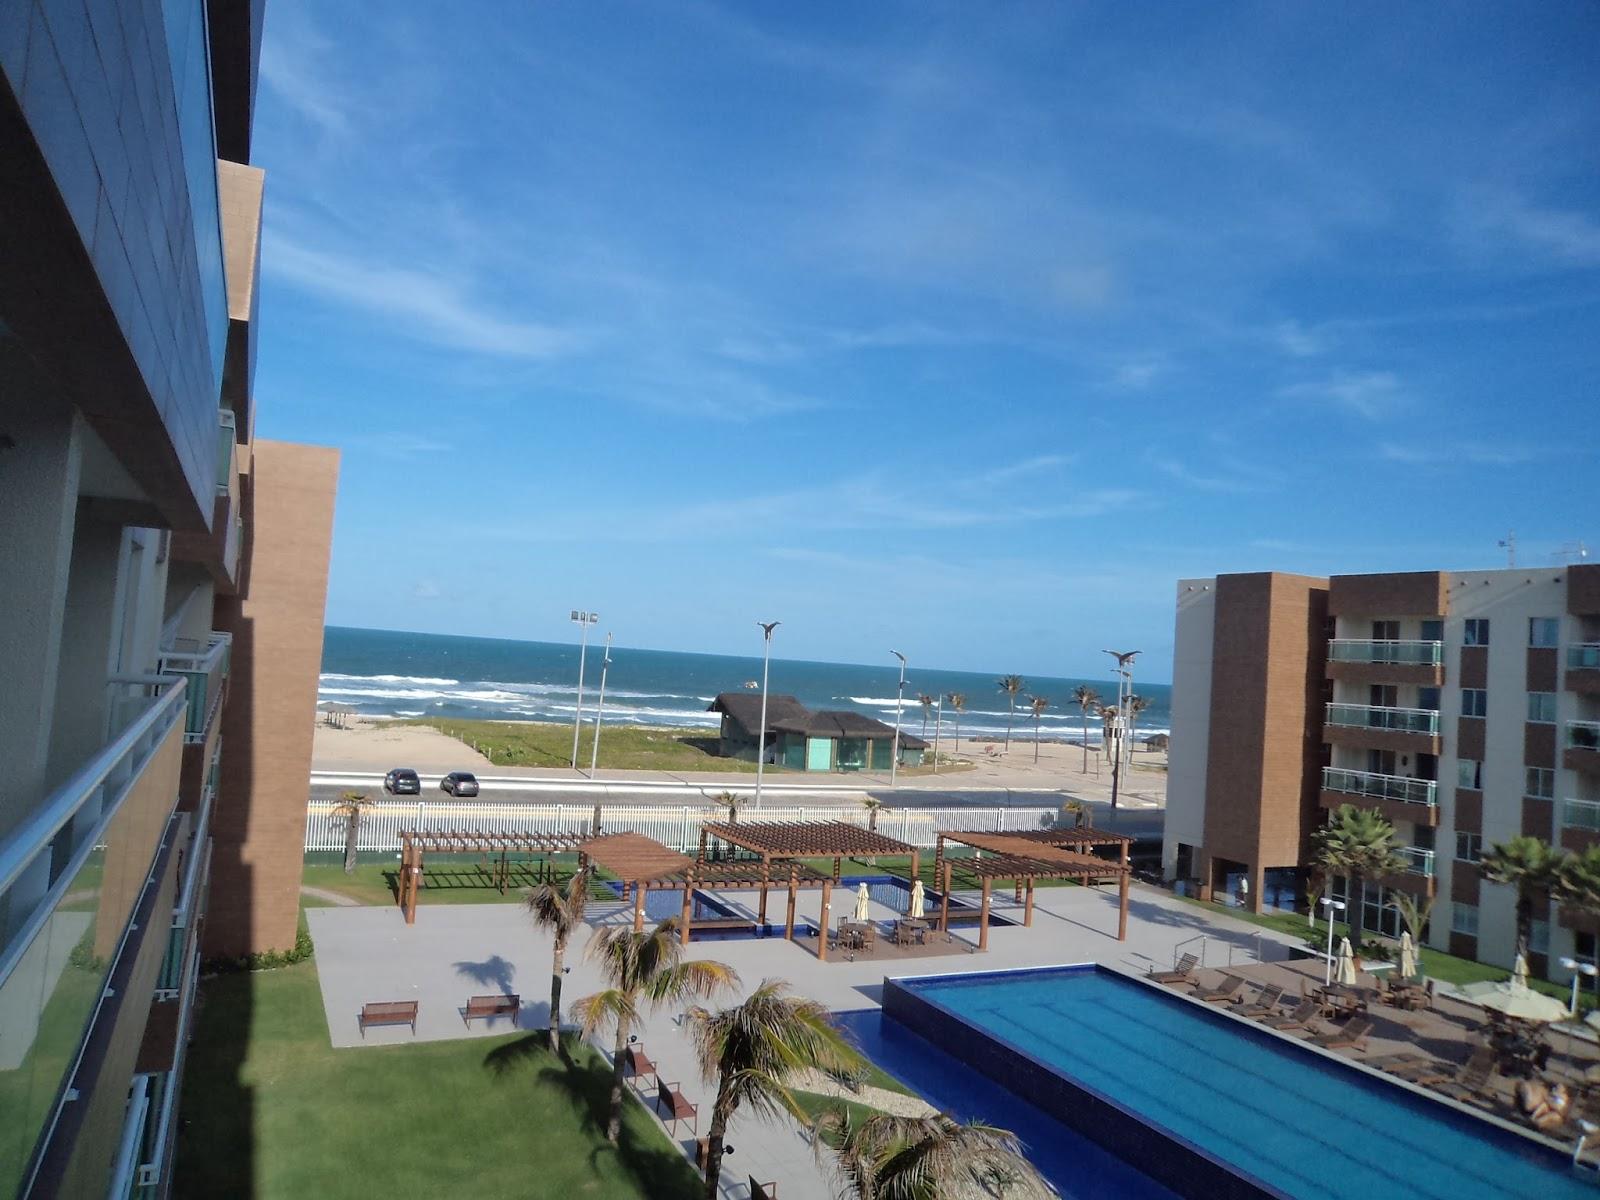 Aluguel por temporada em Fortaleza: APARTAMENTO NA PRAIA DO FUTURO  #246EA7 1600x1200 Banheiro Container Fortaleza